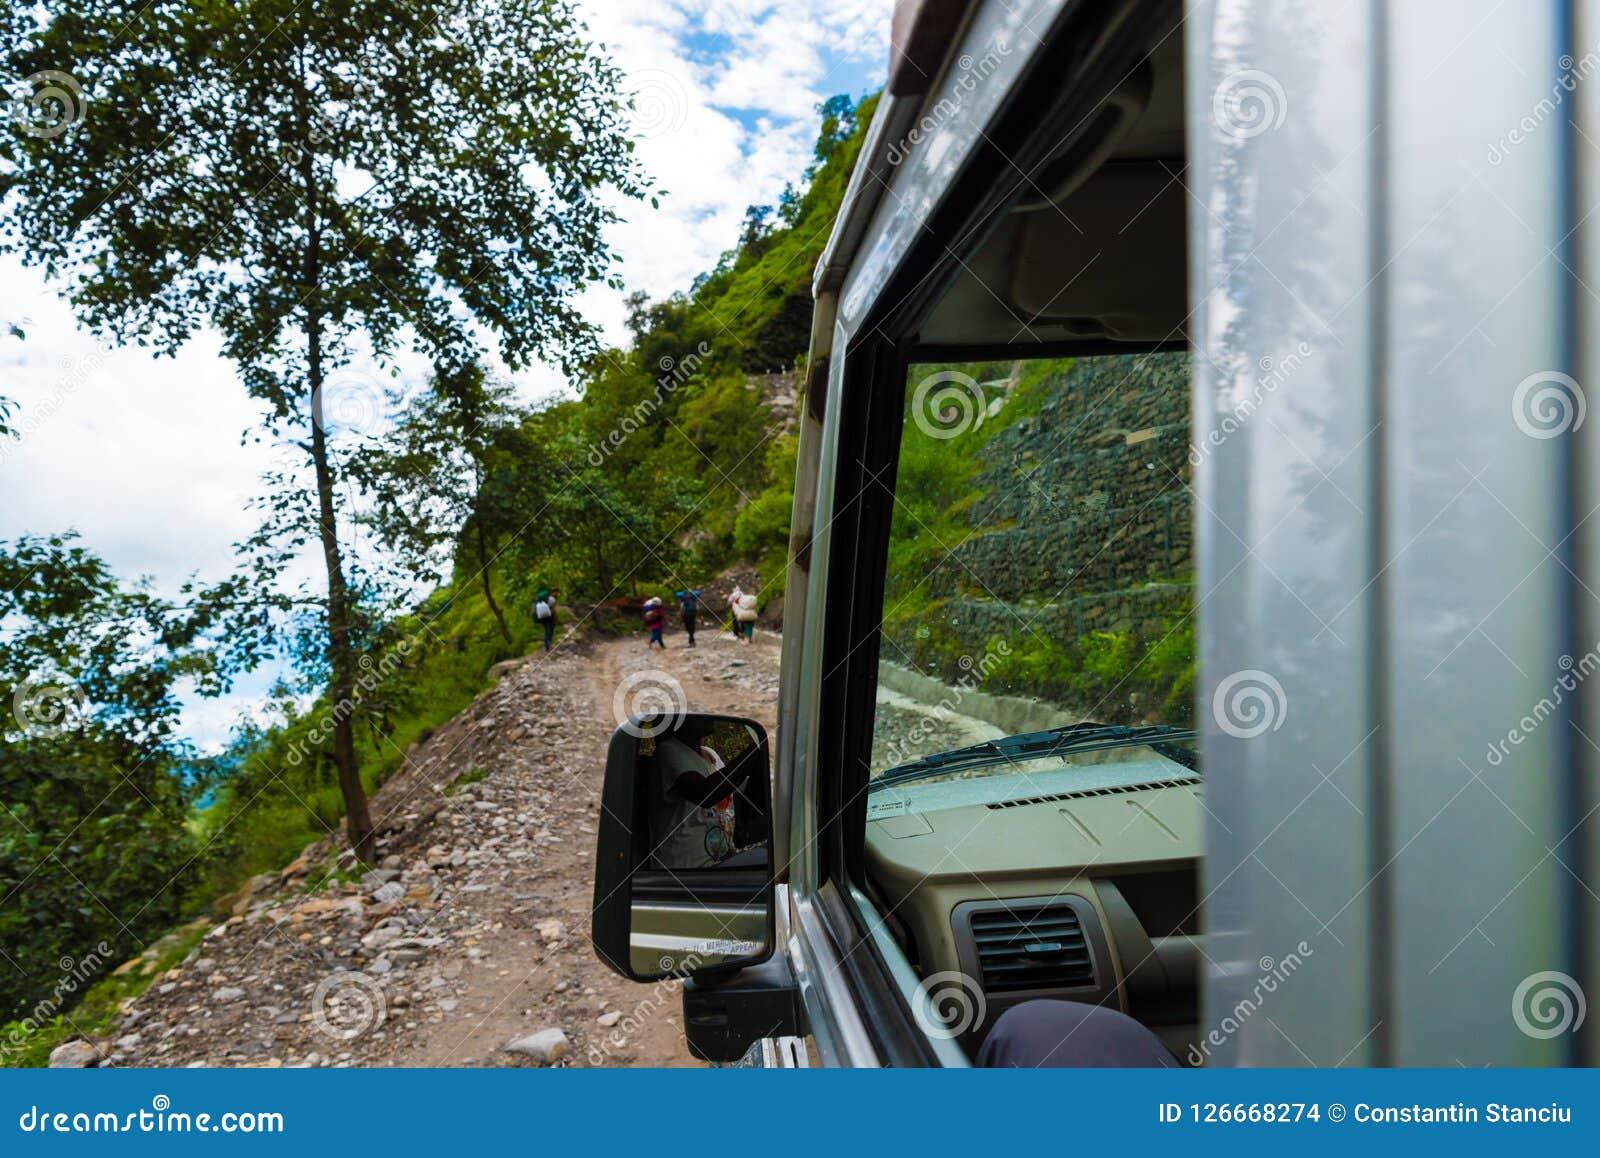 Fuori dai veicoli stradali con i turisti nell area di conservazione di Annapurna, il Nepal